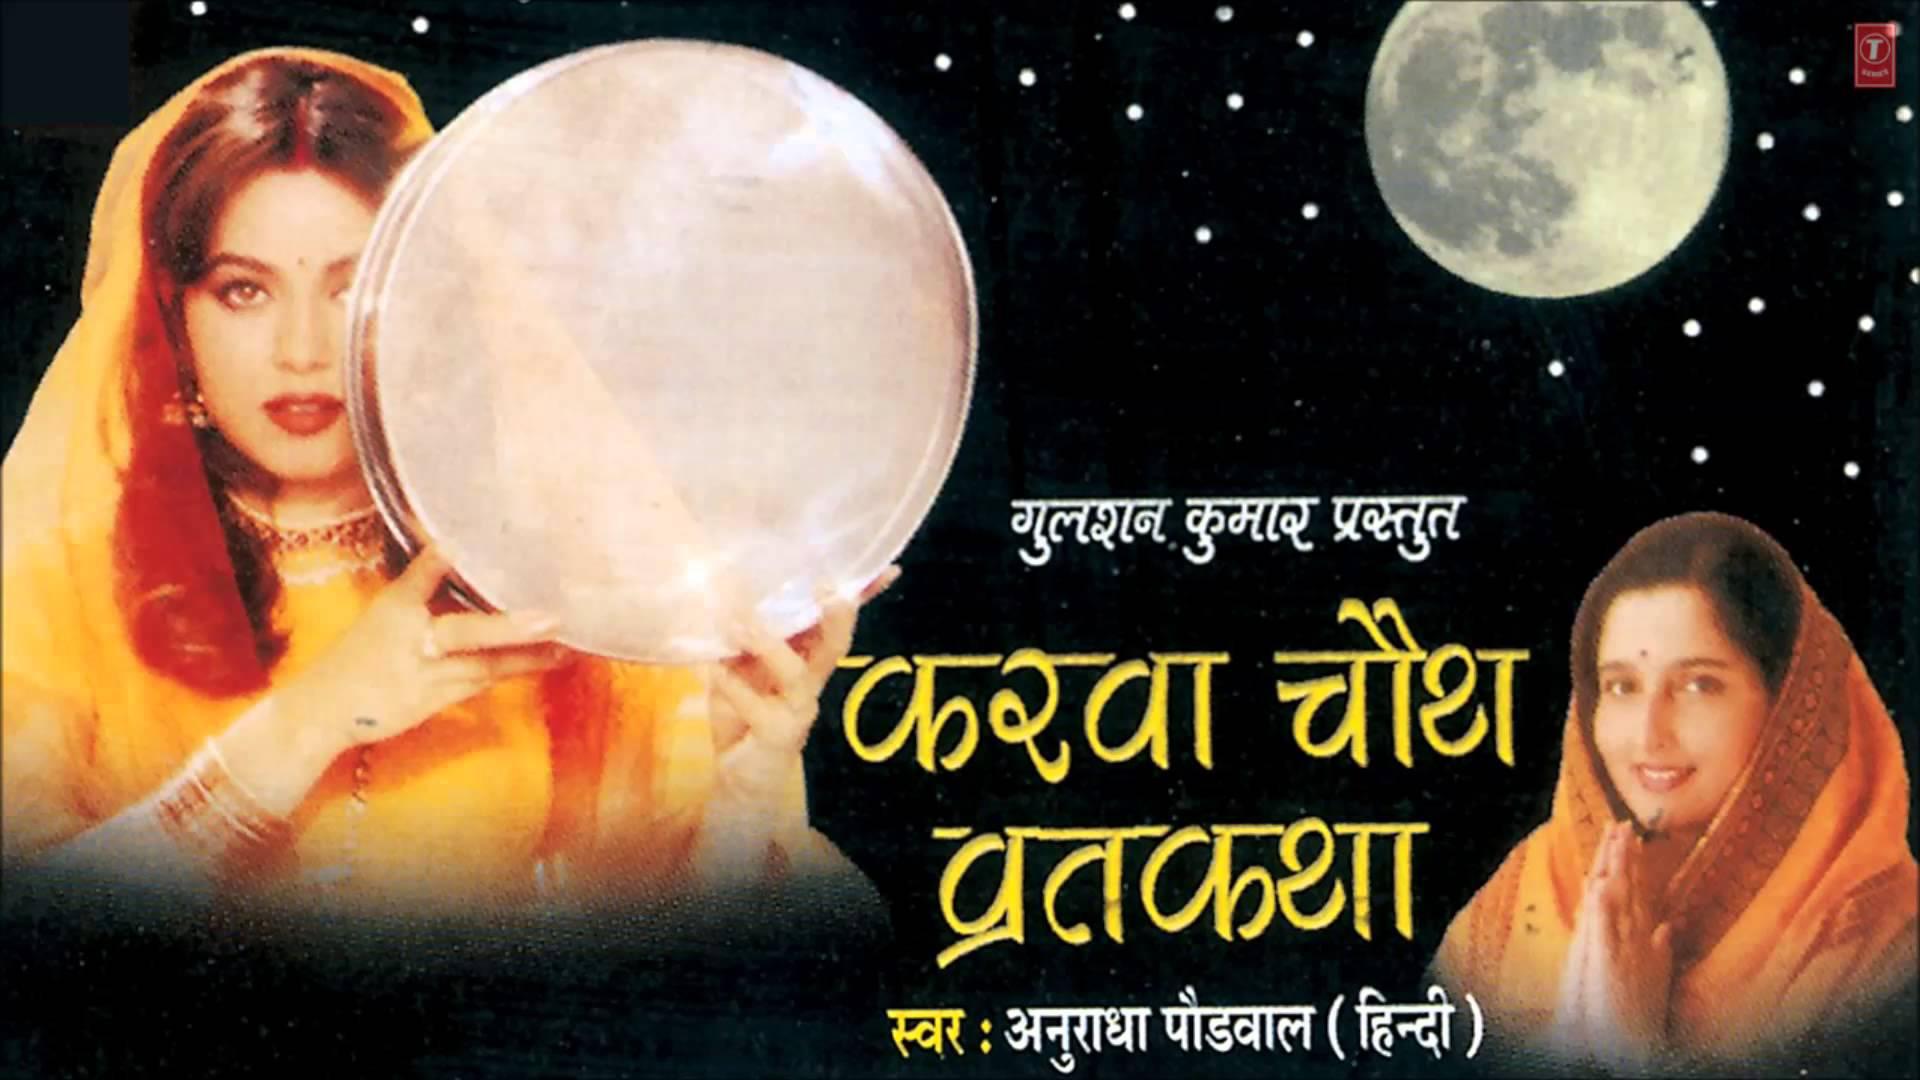 Karwa Chauth Greeting Card, Images, Pictures in Marathi, Urdu & Malayalam